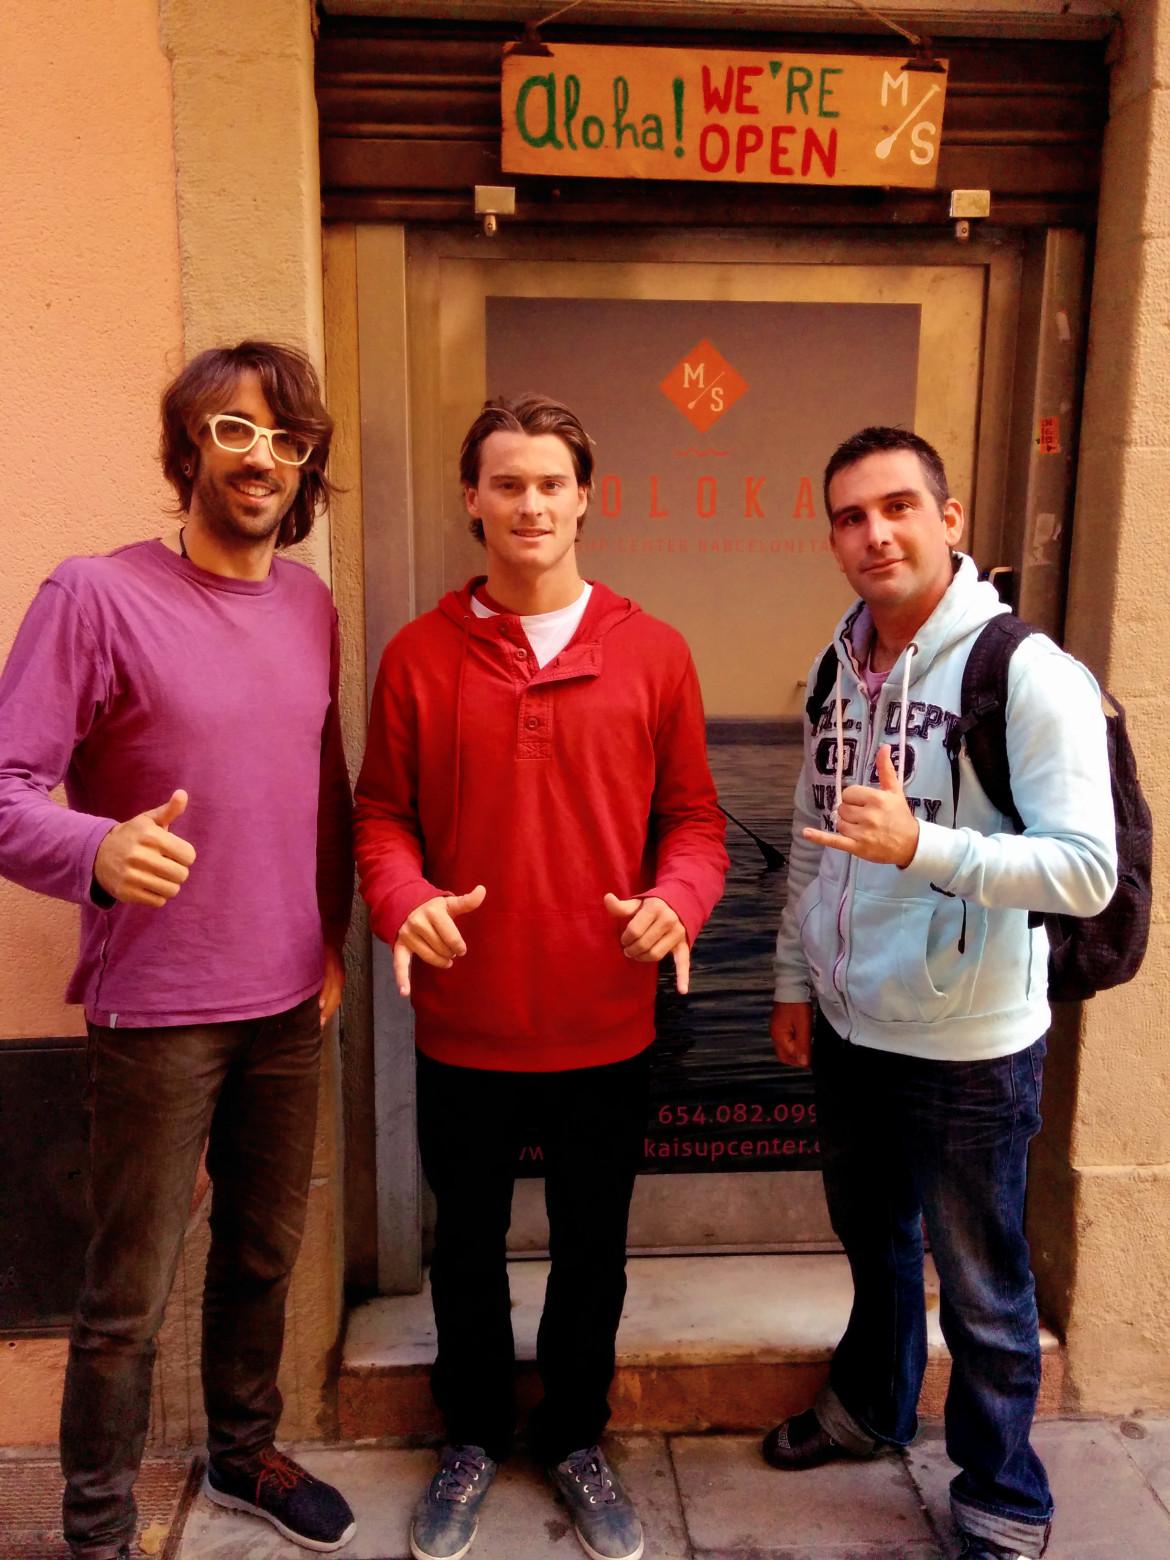 Sean Poynter (Starboard) visita Moloka'i SUP Center